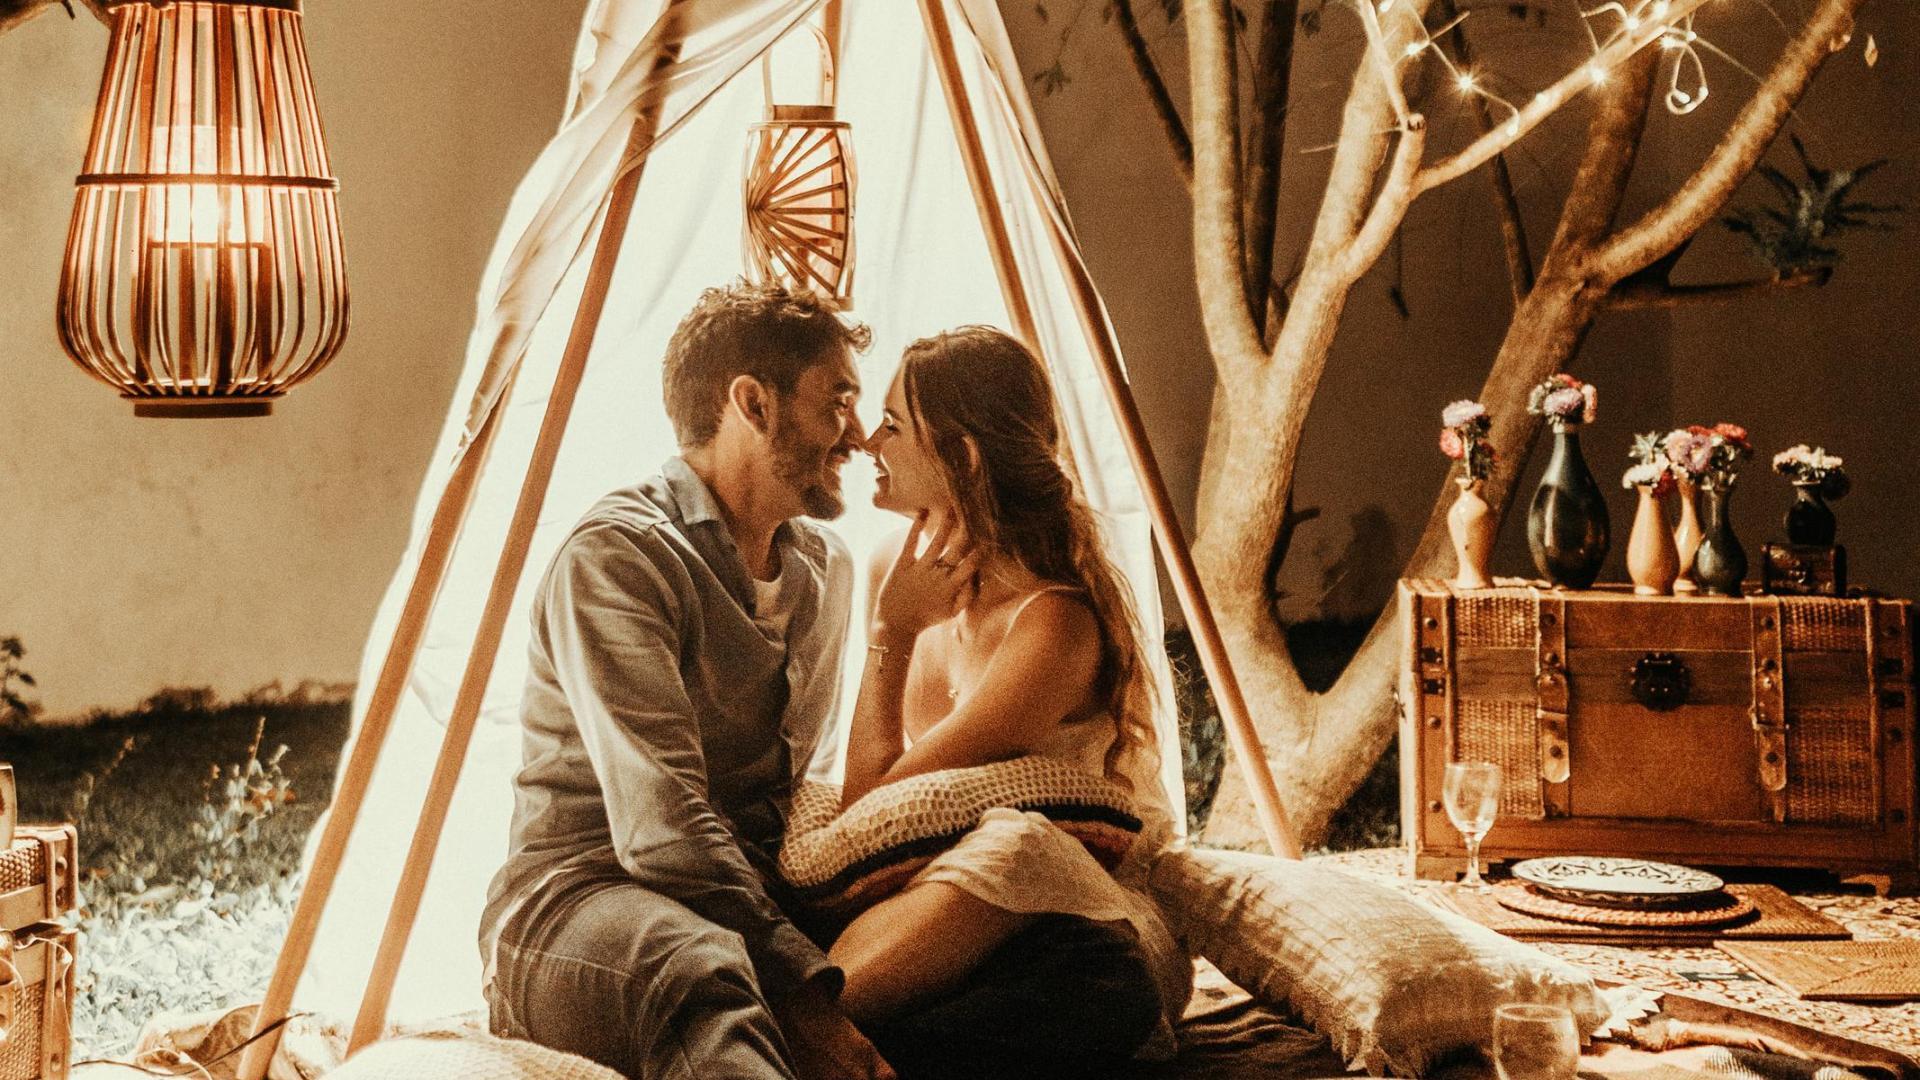 Dating Tipps für Frauen: Pärchen im Zelt